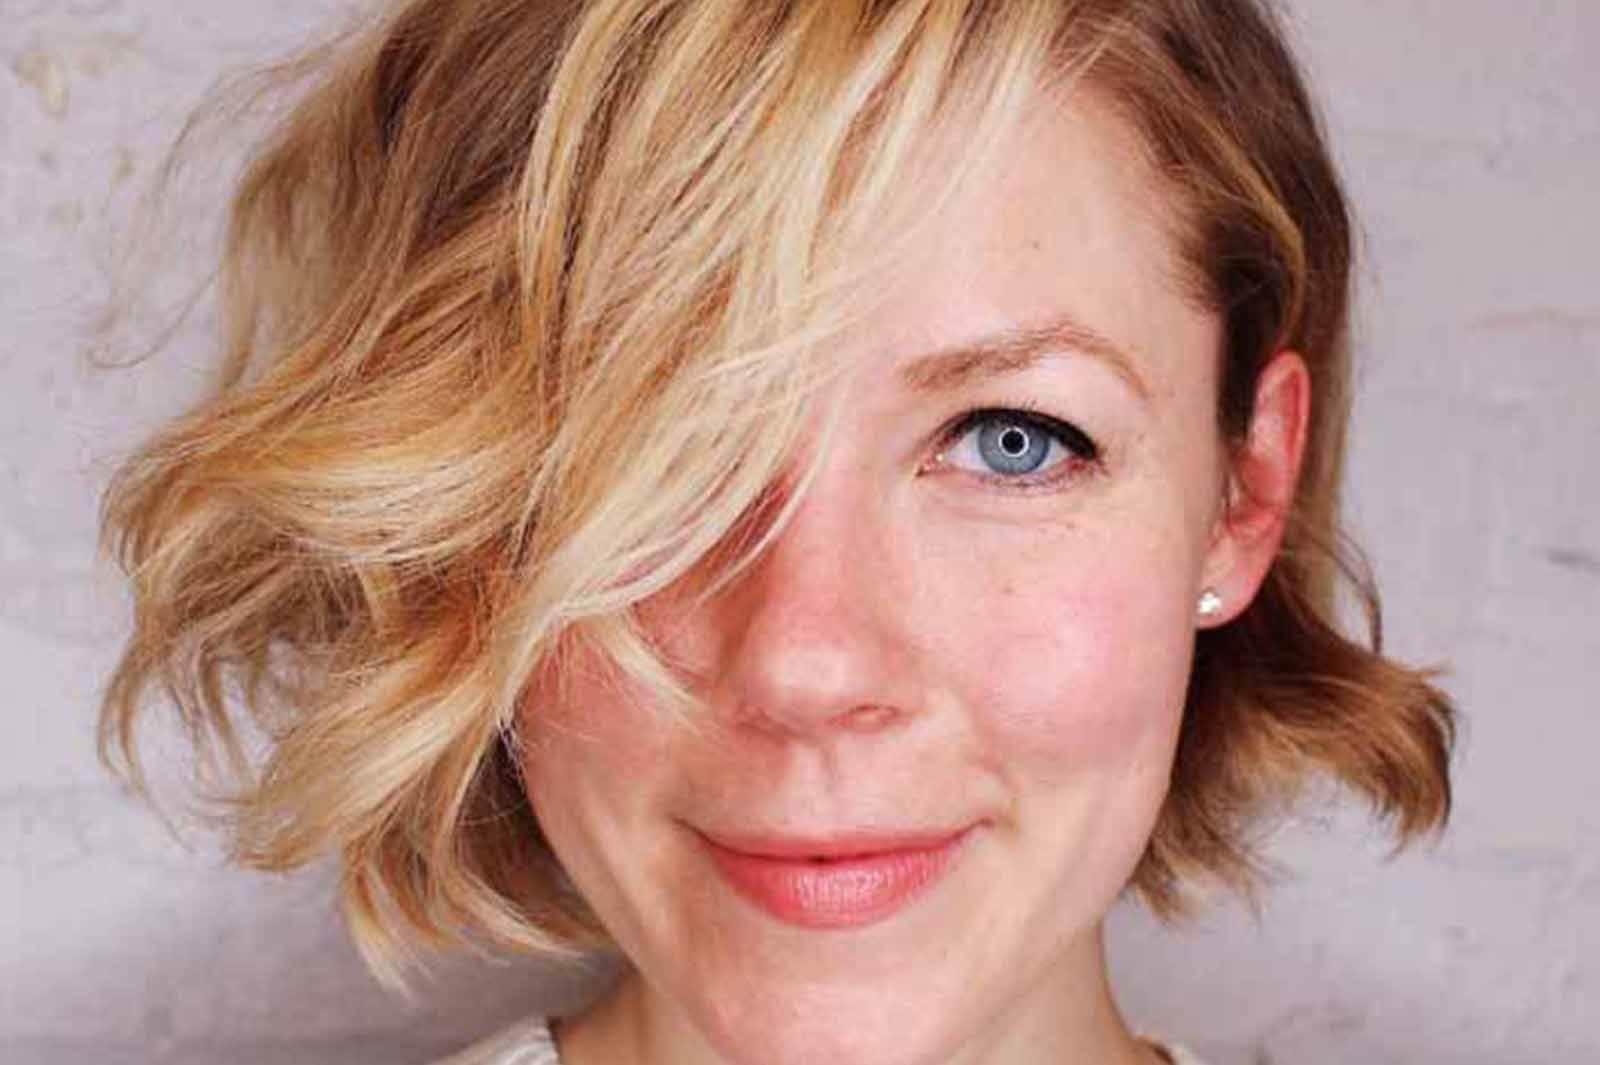 Herkese Yüzde 100 Yakışan 3 Efsane Saç Modeli